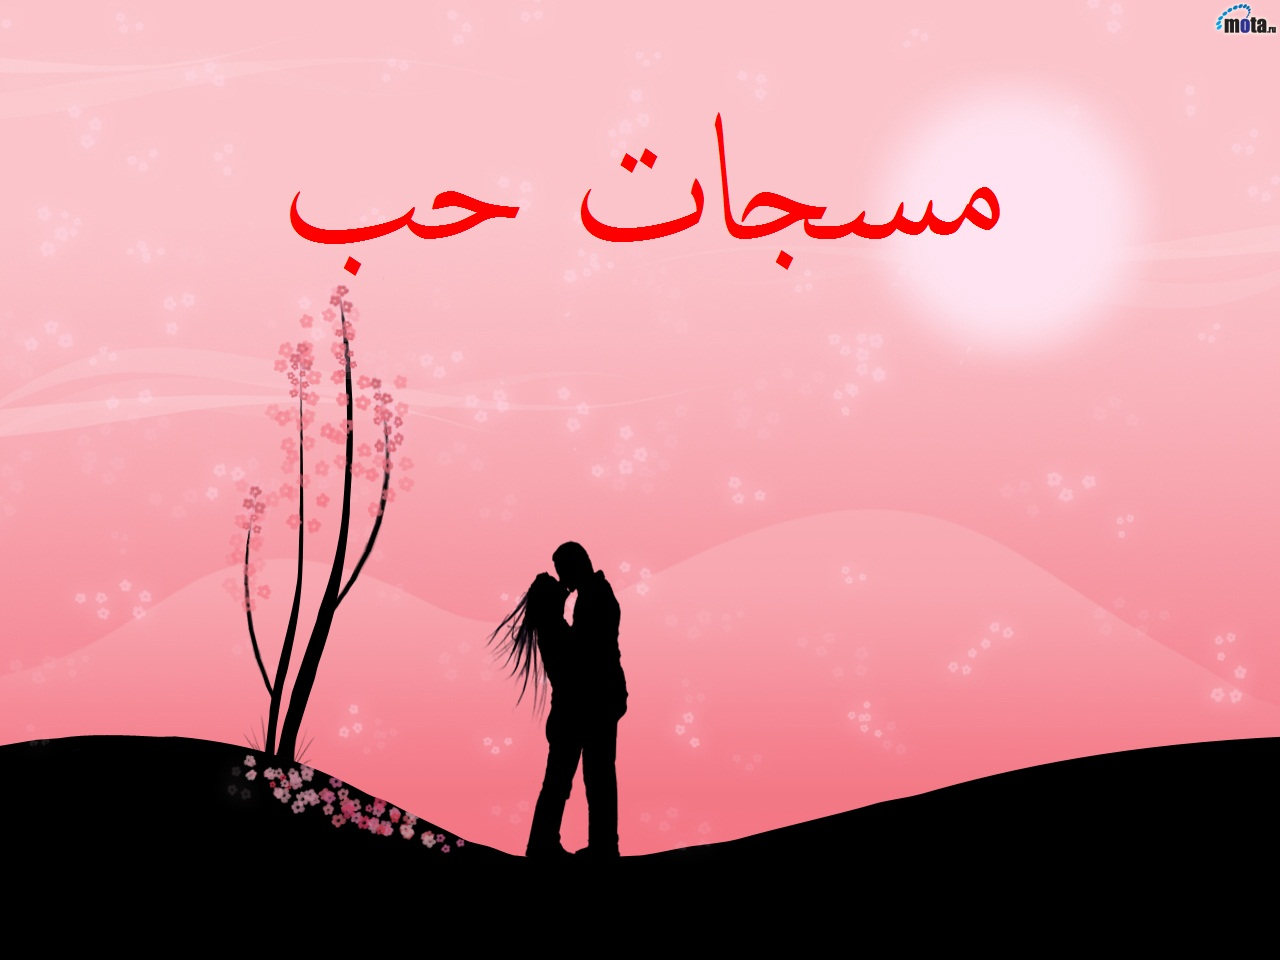 مسجات سعودية رومانسية , مسجات حب وغرام سعودية , sms